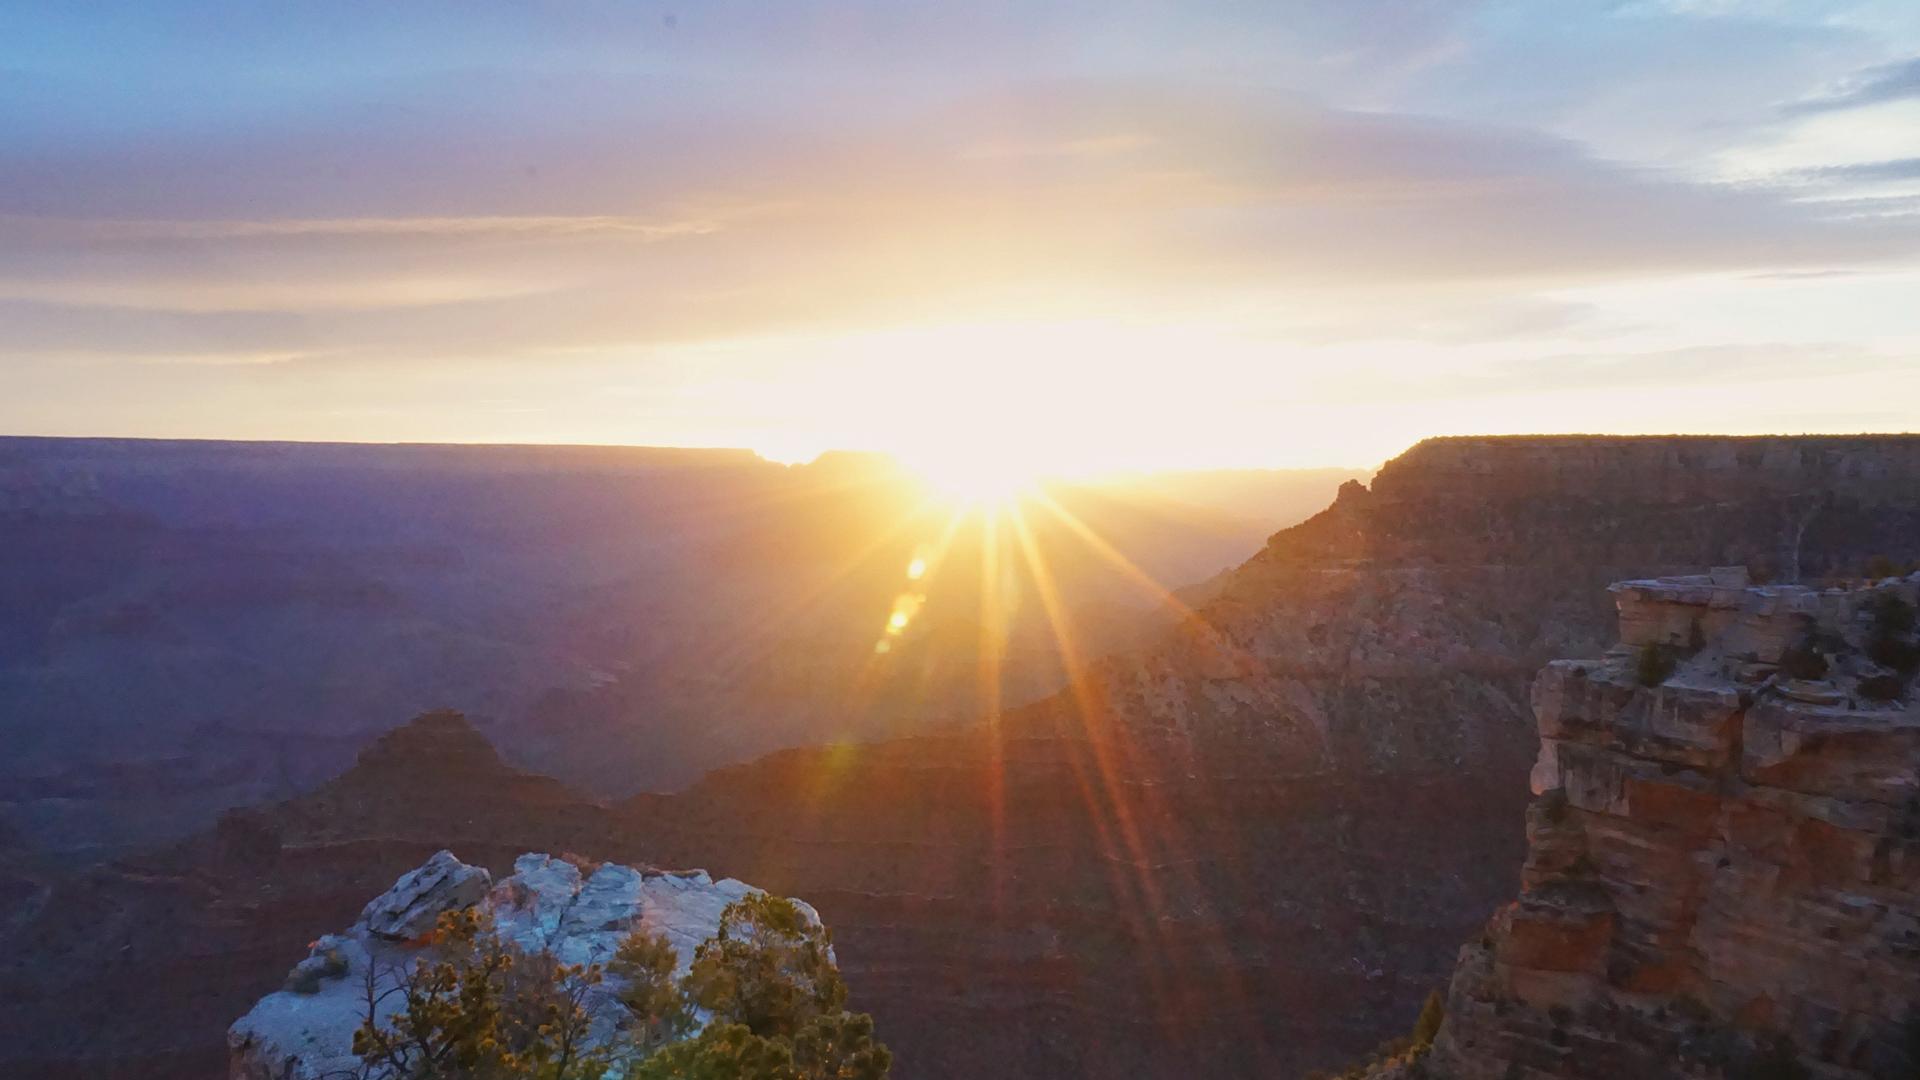 Trailer-Village-RV-Park-at-Grand-Canyon-Camping-Airstream